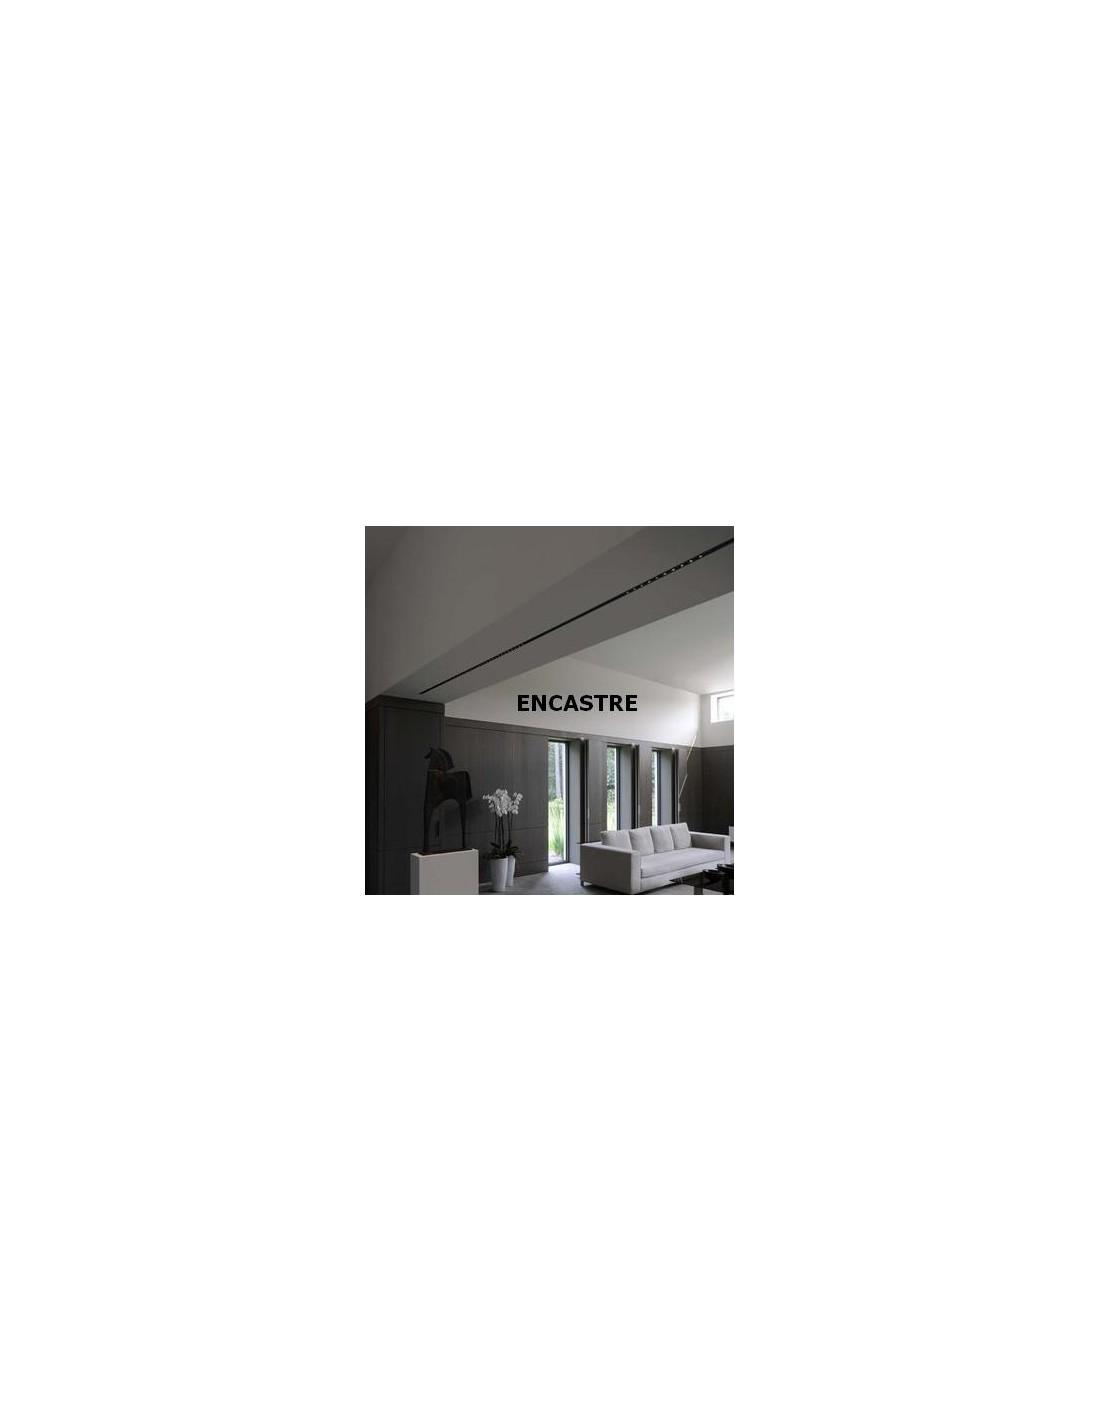 Luminaire encastré Profilé Nuit de la marque Kreon éclairage